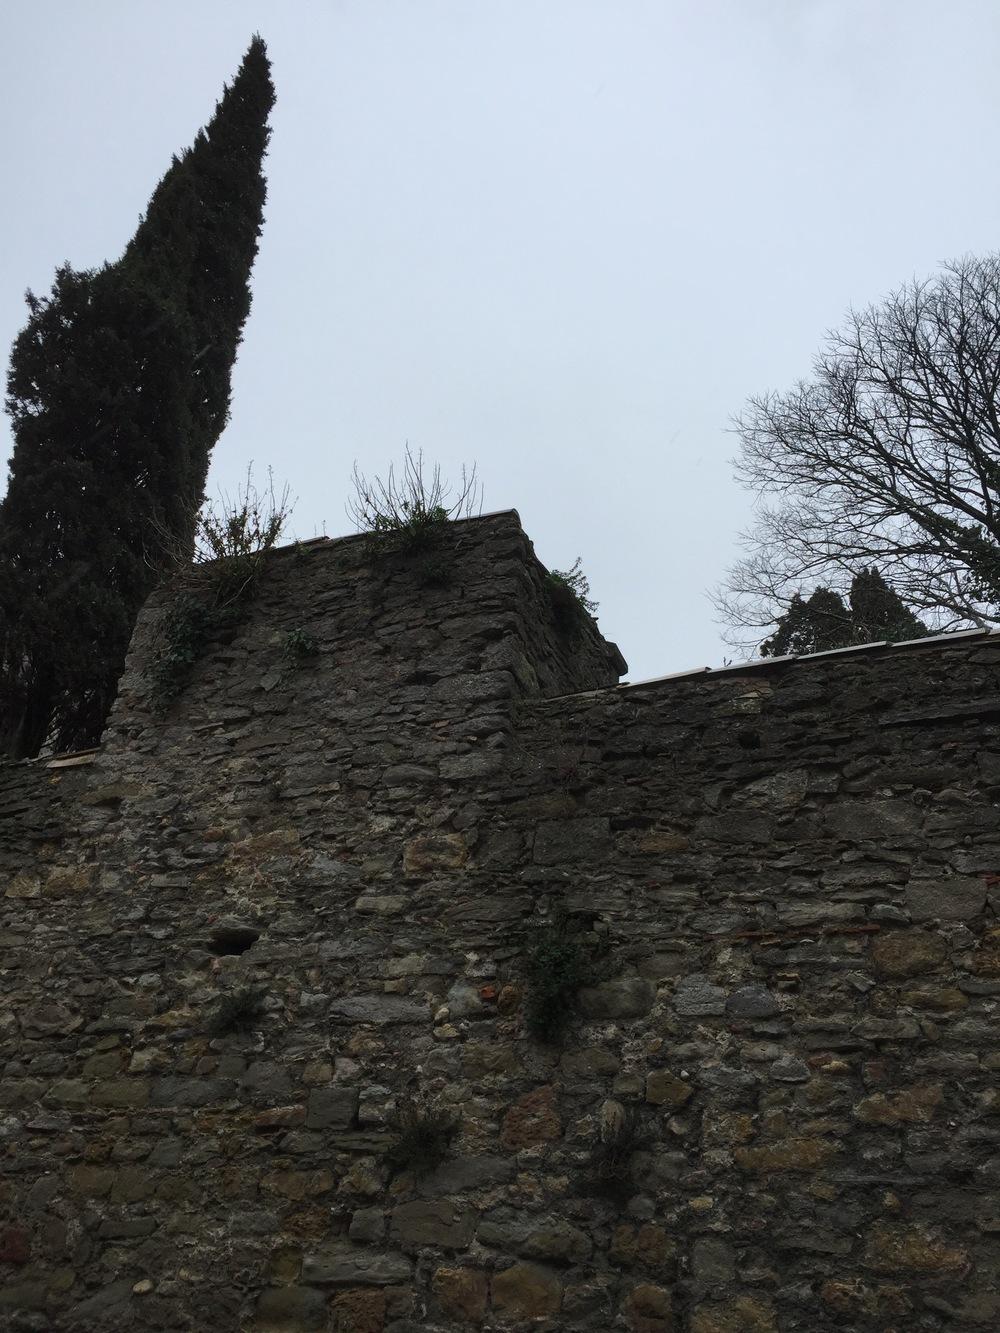 Le-Jardin-du-Calvaire-Carcassonne-jessewaugh.com-57.jpg